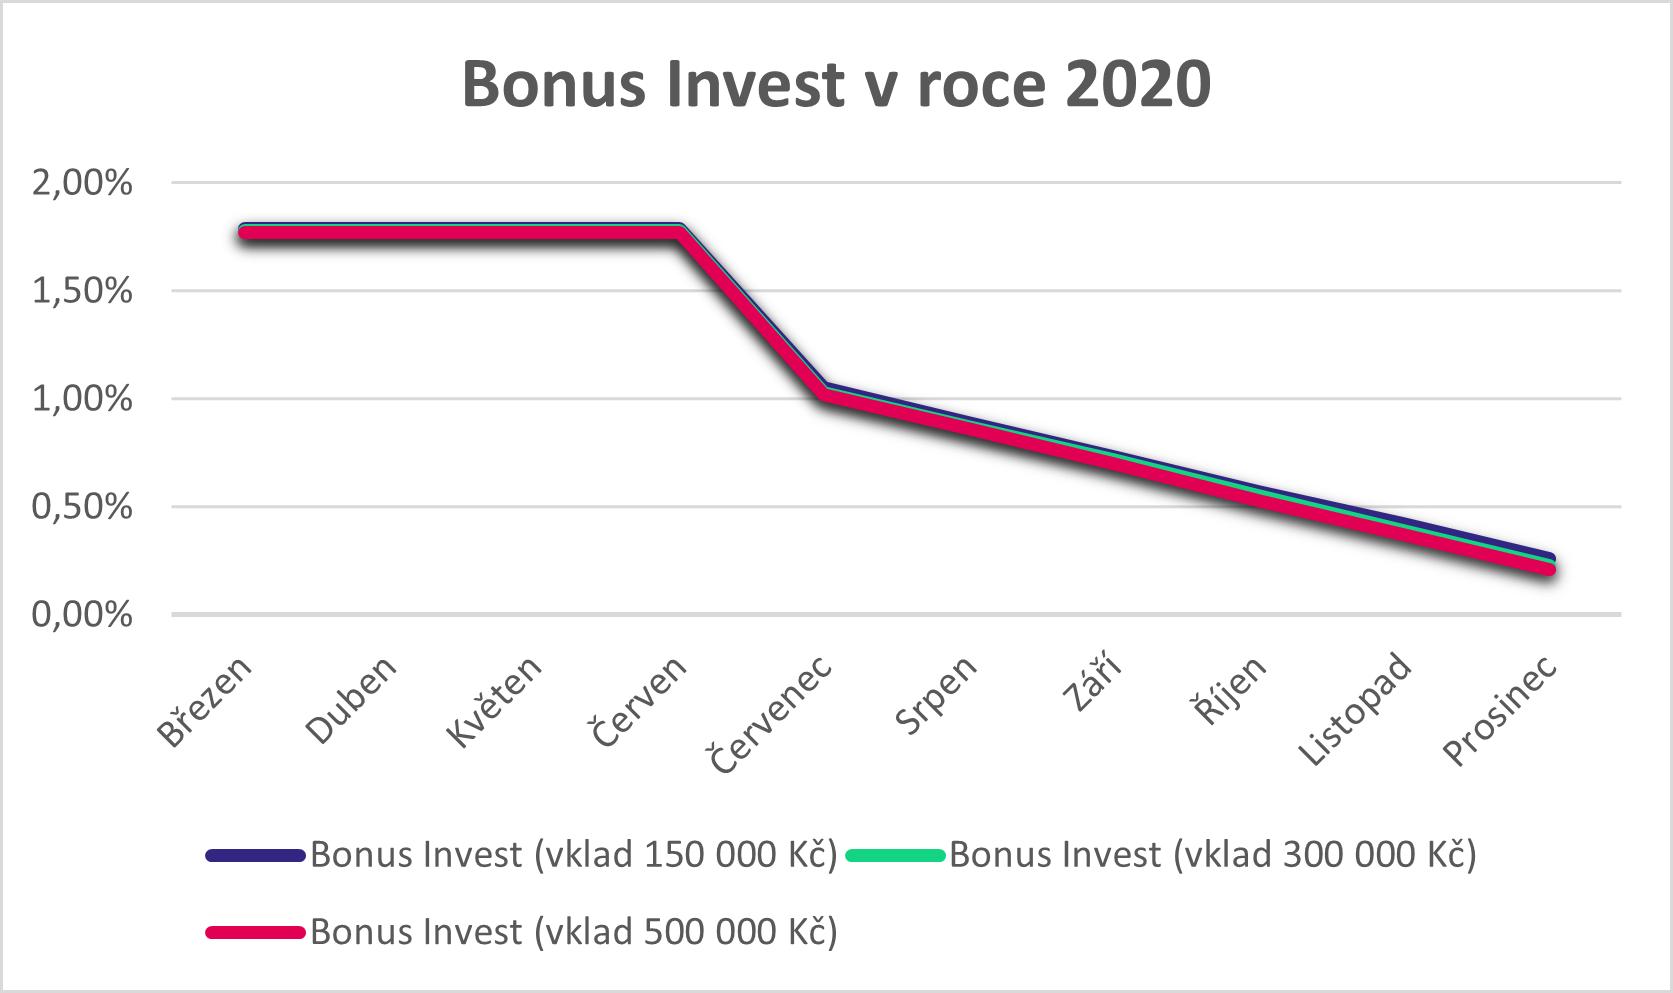 Bonus invest 2020